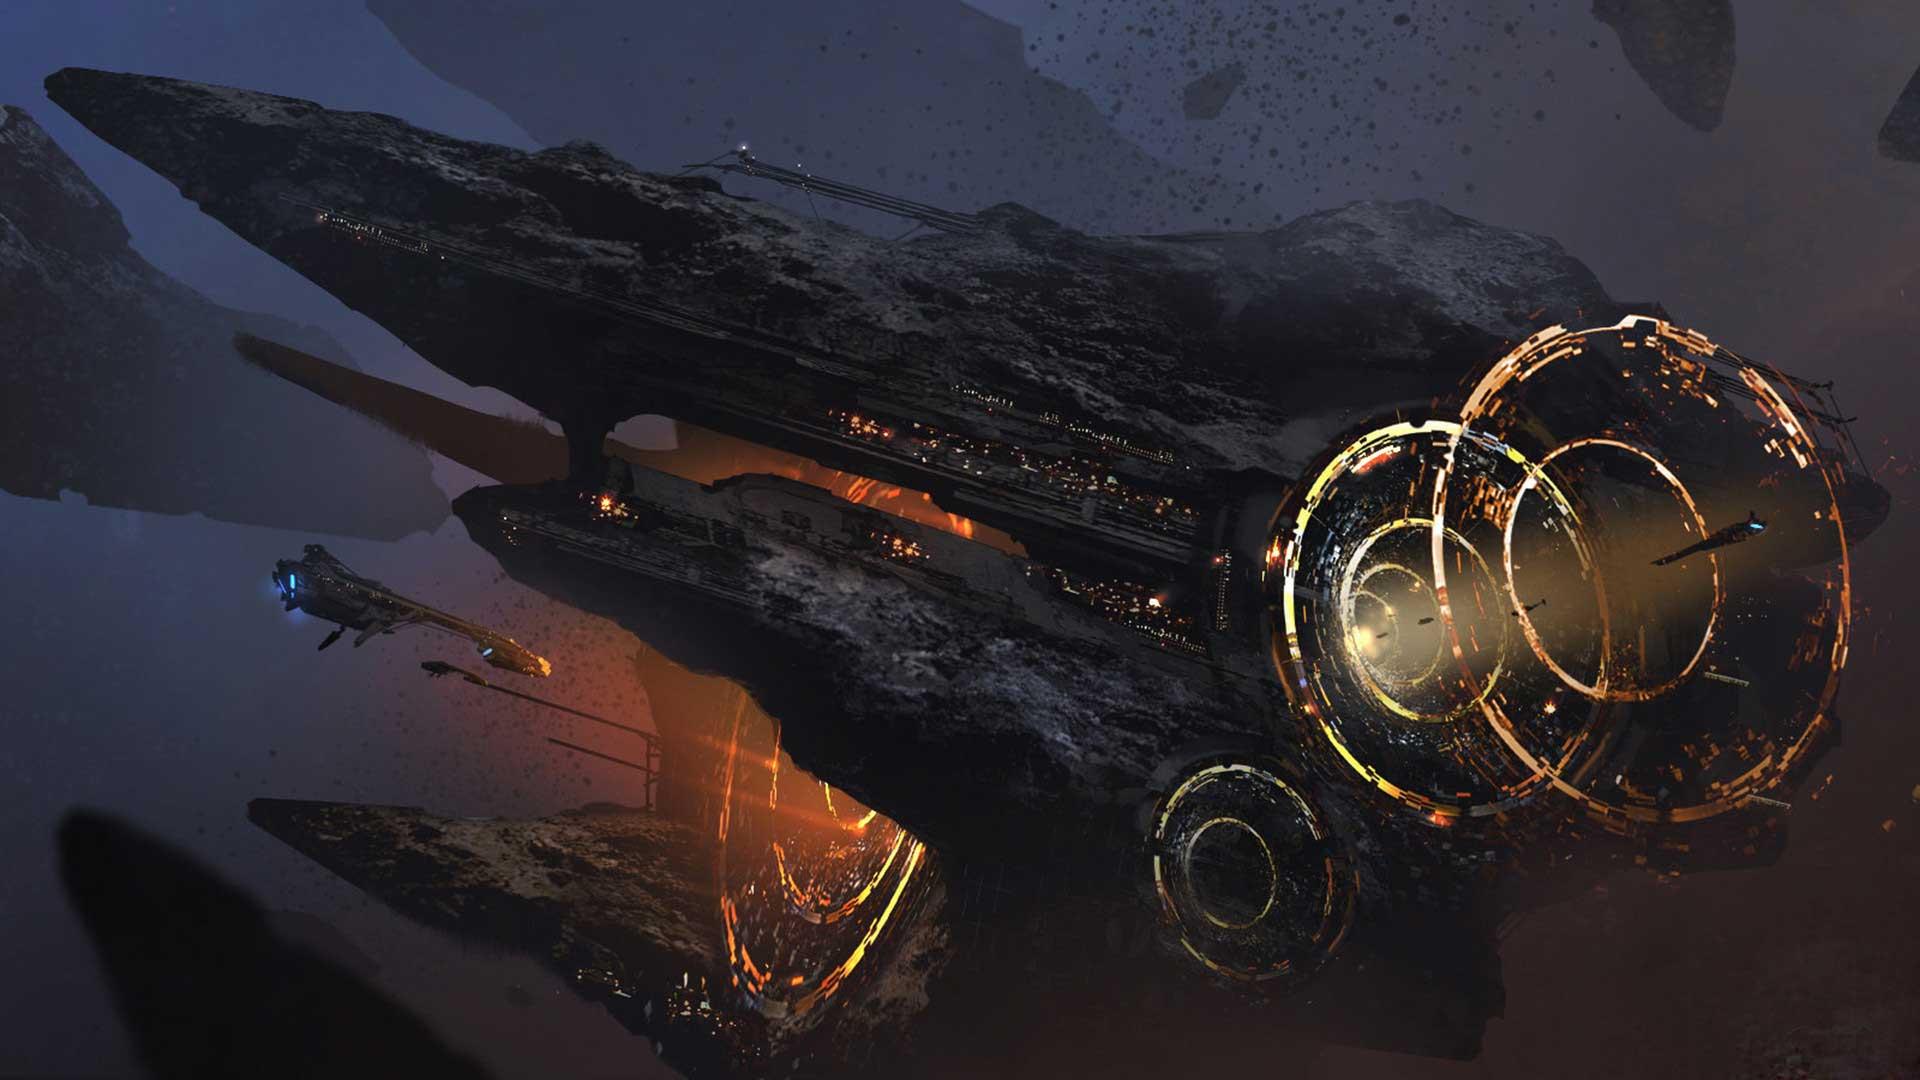 LOS CIENTÍFICOS CHINOS AFIRMAN HABER CREADO EL «MOTOR IMPOSIBLE» DE LA NASA